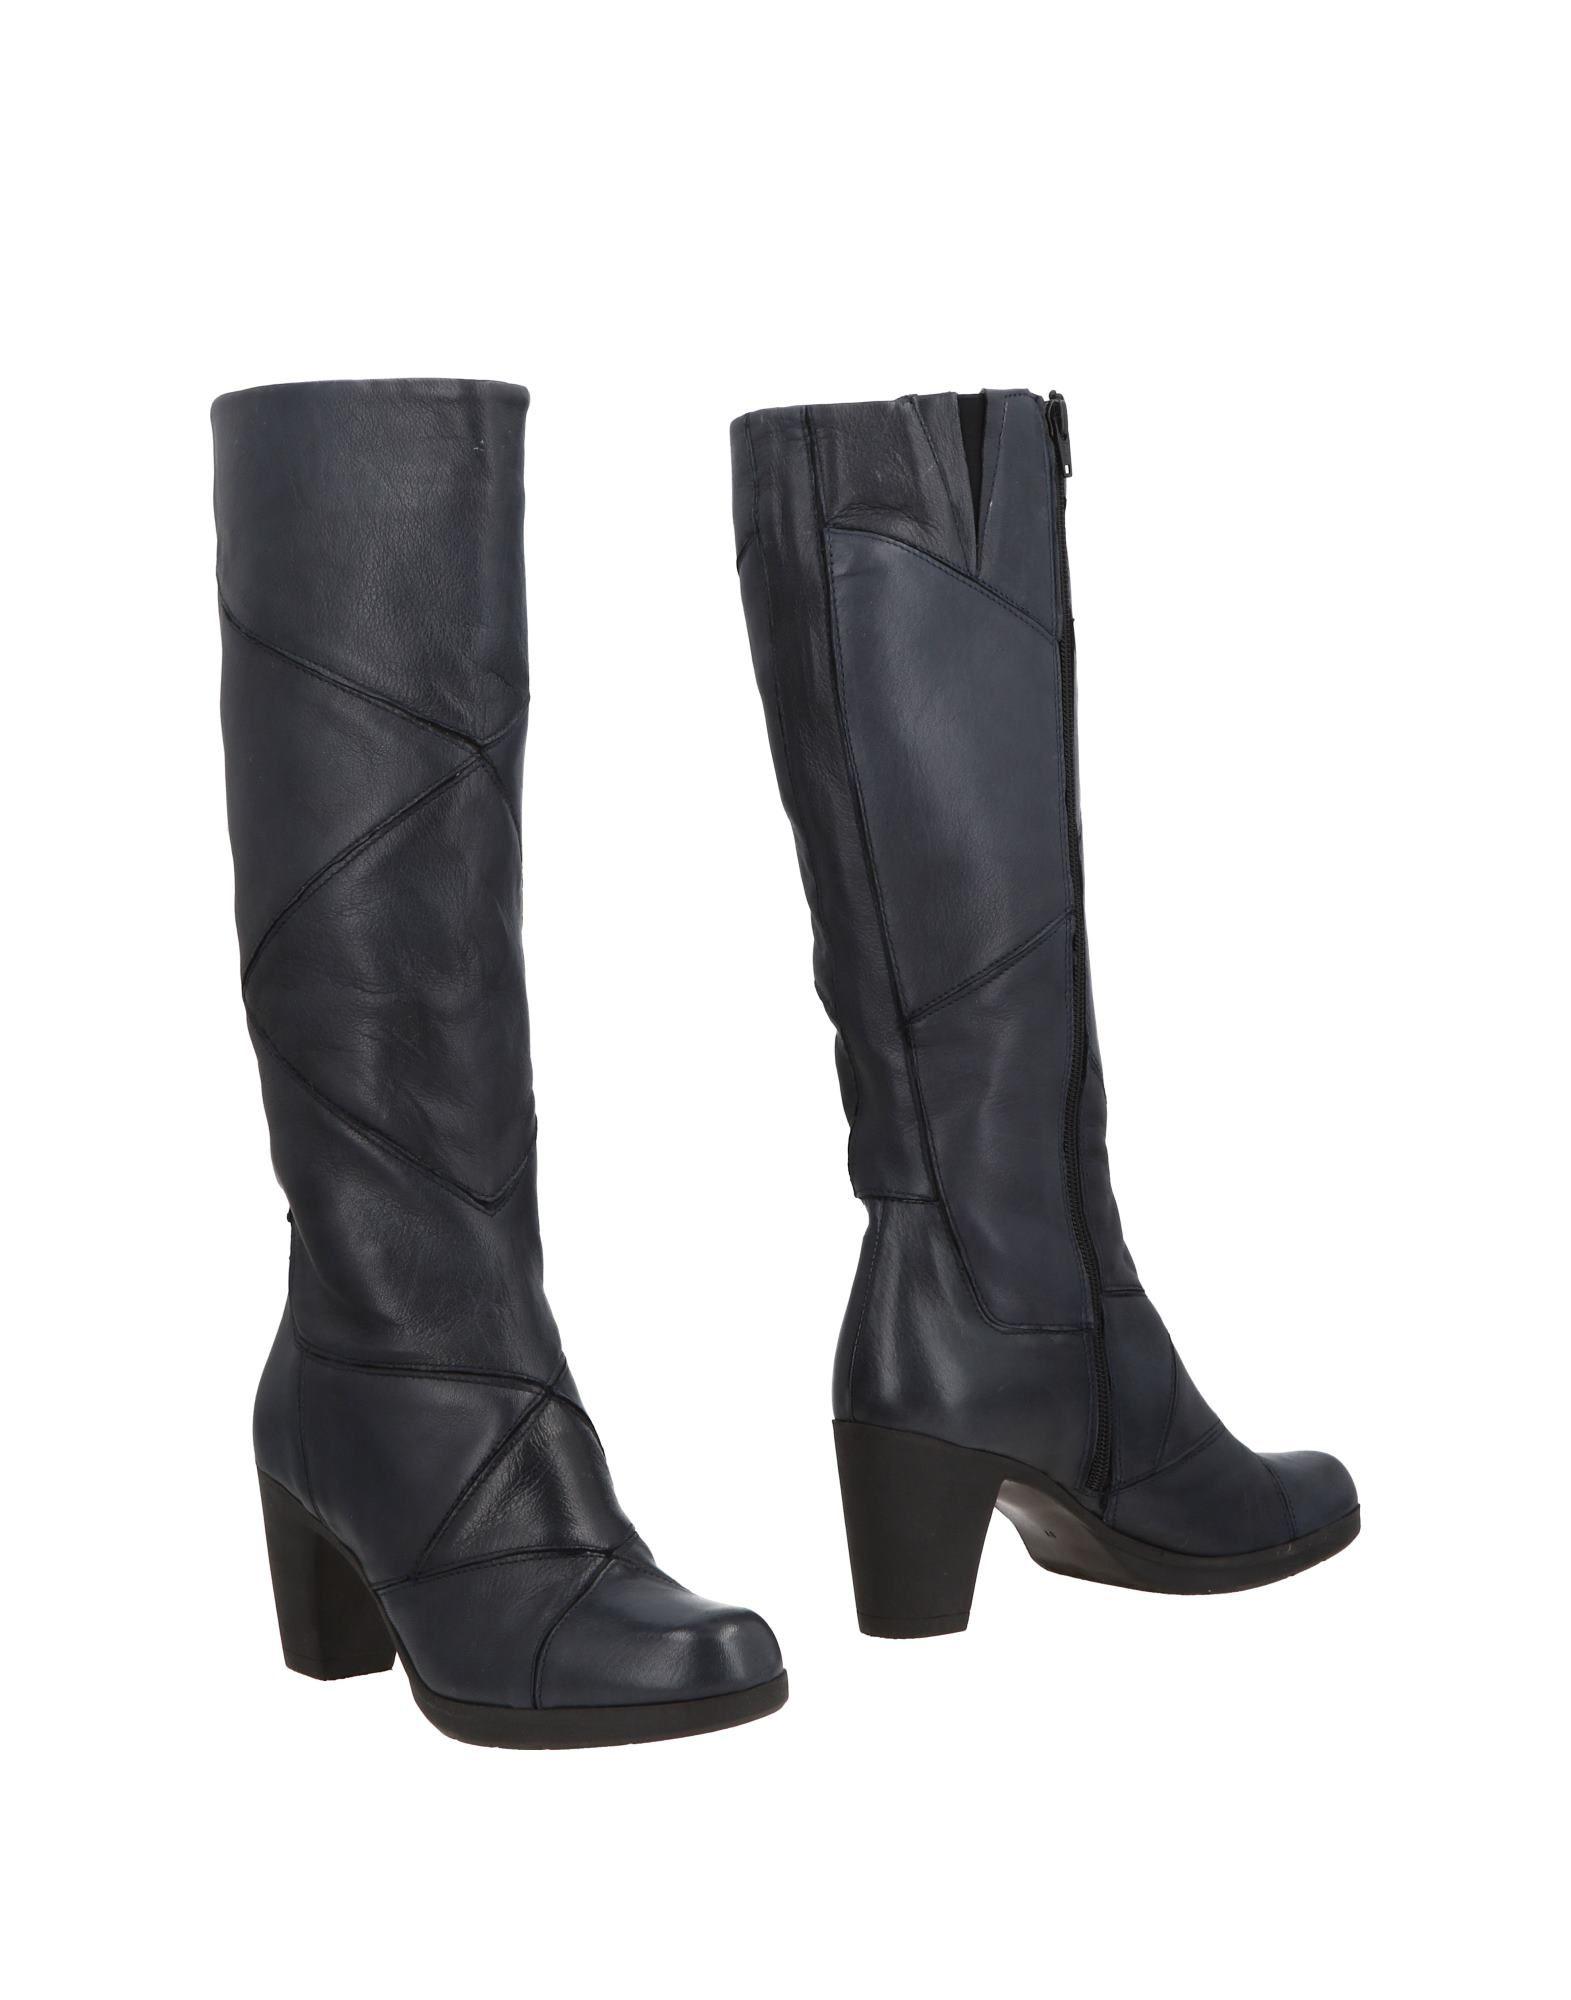 Khrio' Stiefel Damen  Qualität 11492169NI Gute Qualität  beliebte Schuhe 07e222